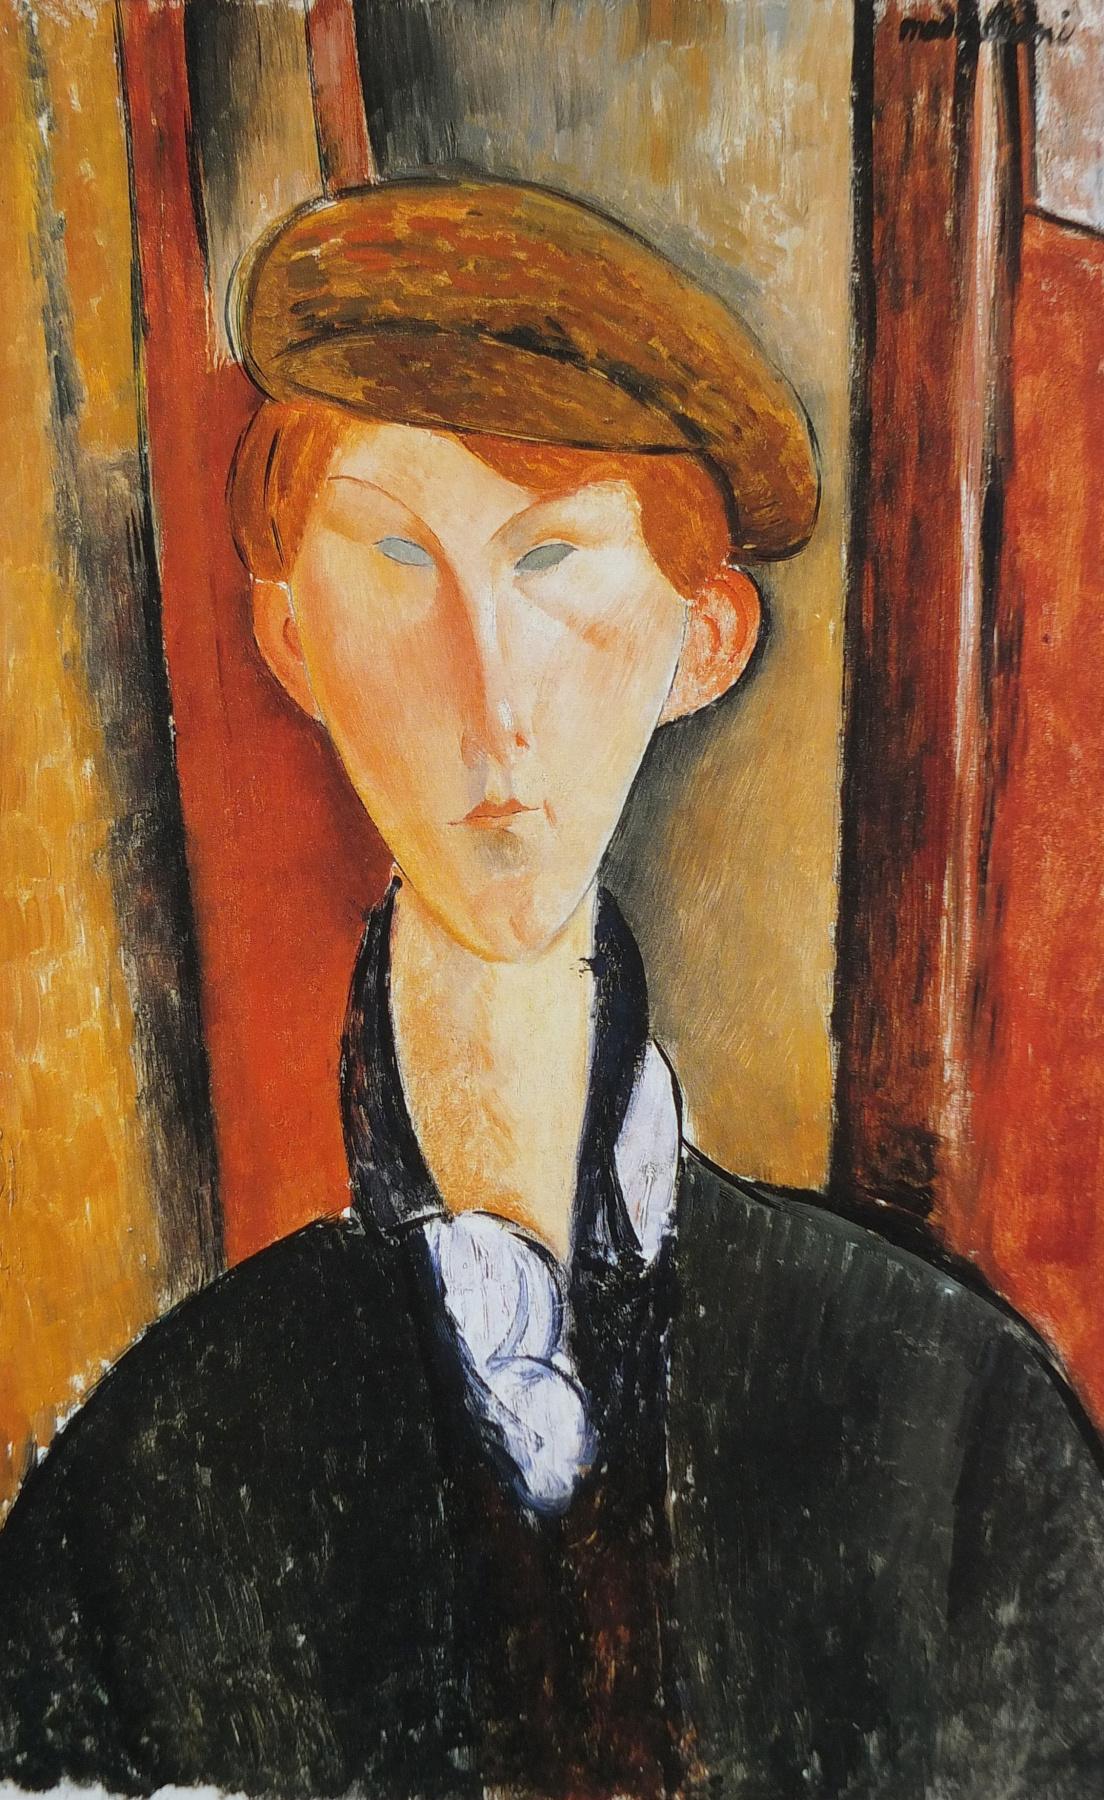 Amedeo Modigliani. Portrait of a young man in a cap